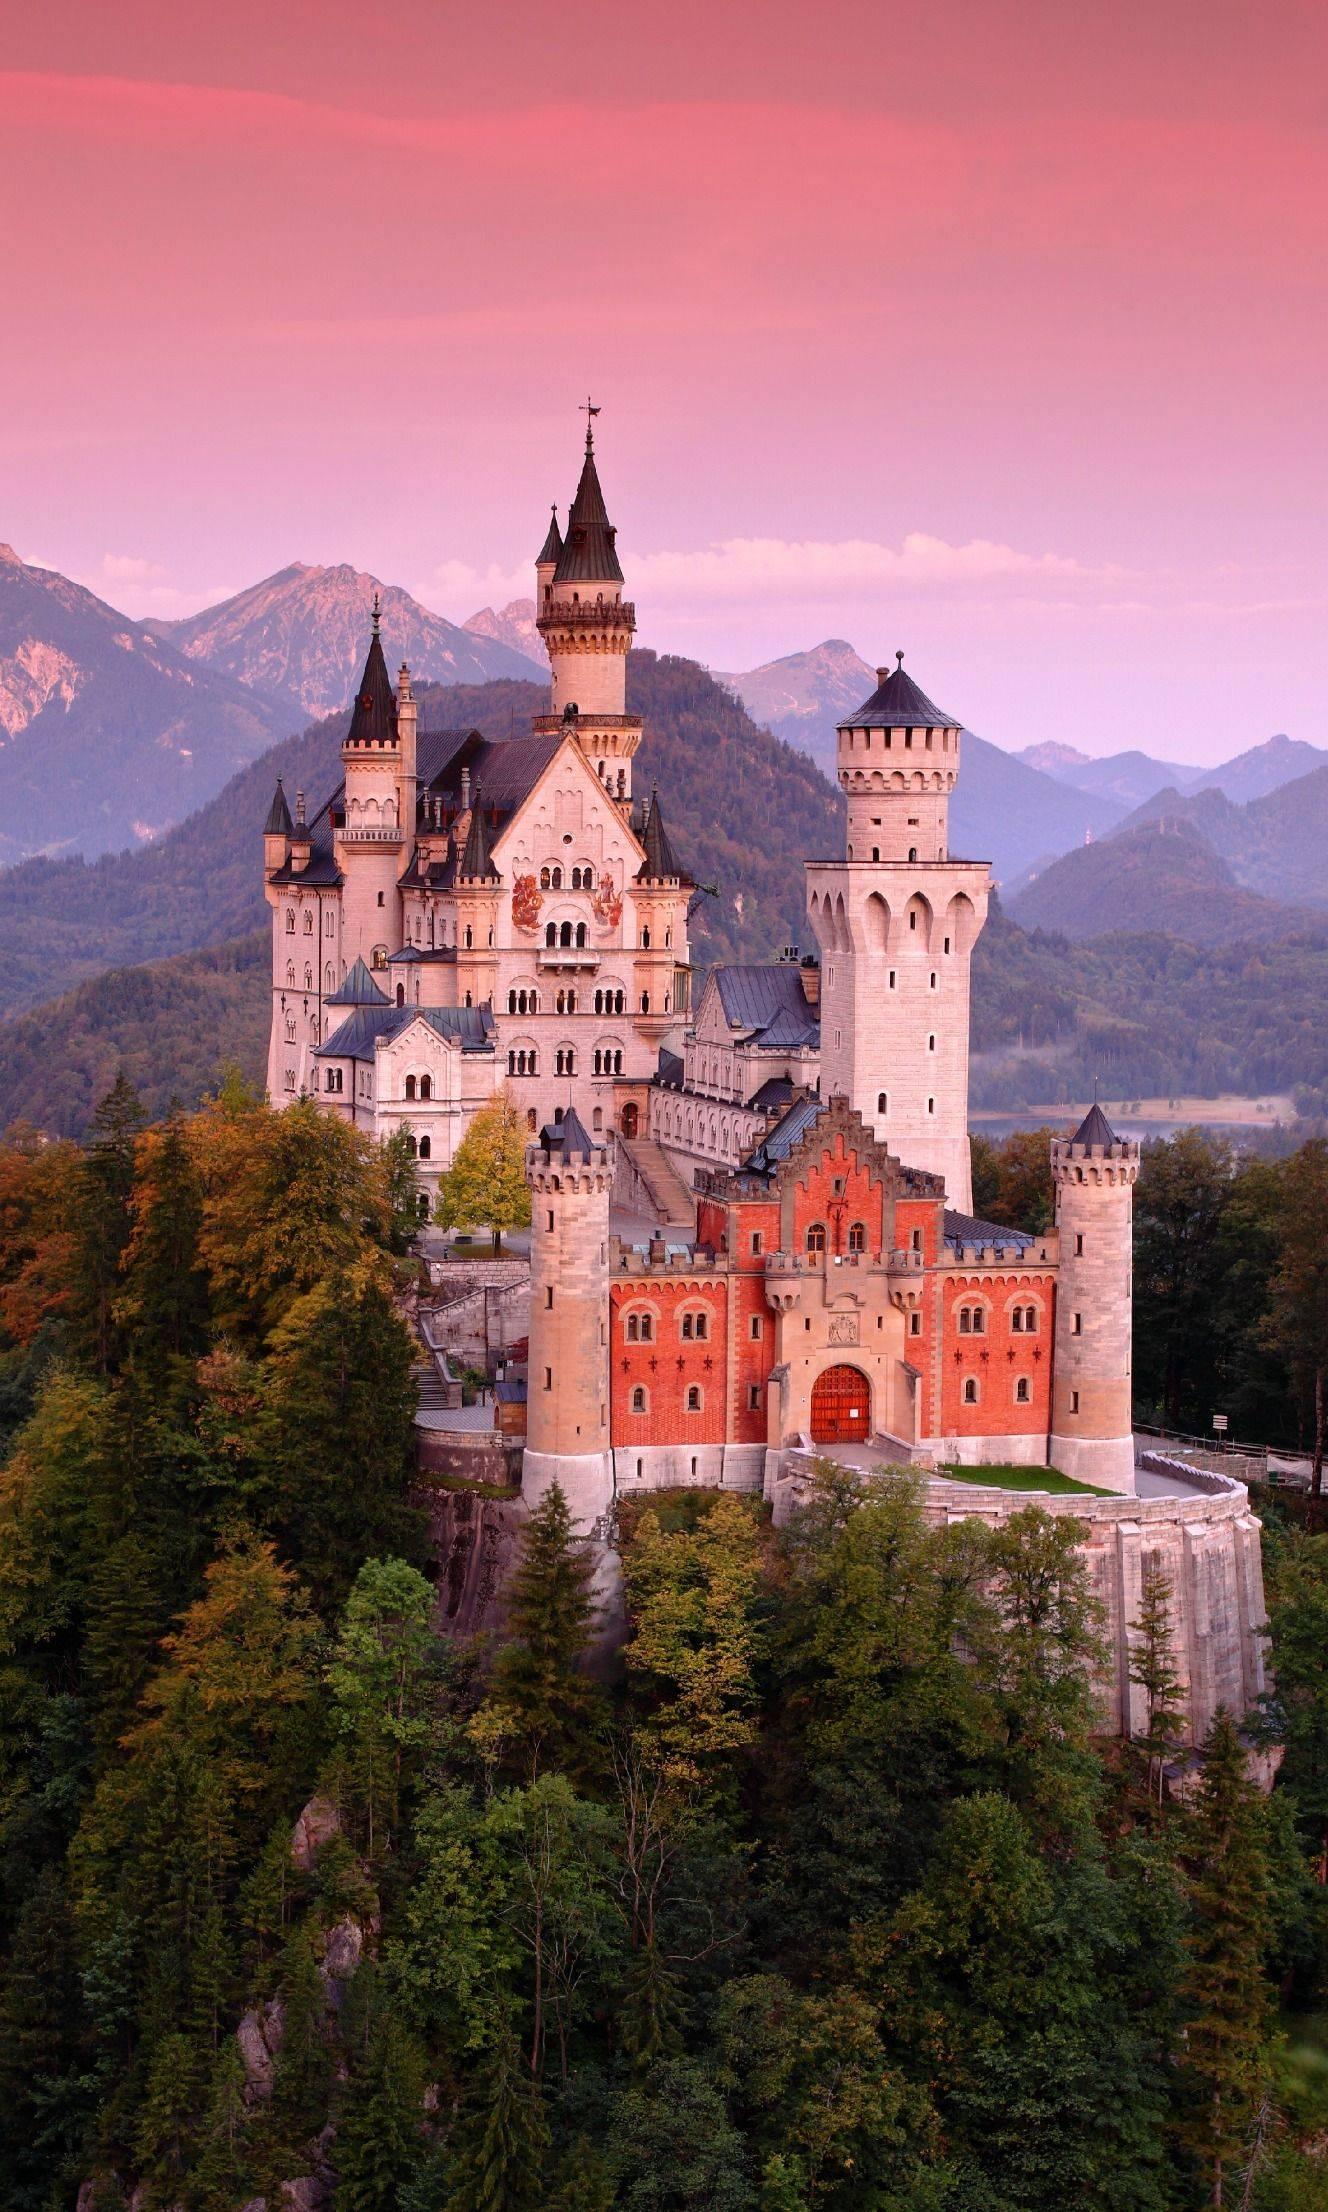 Замок нойшванштайн (германия) - описание, фото, легенда